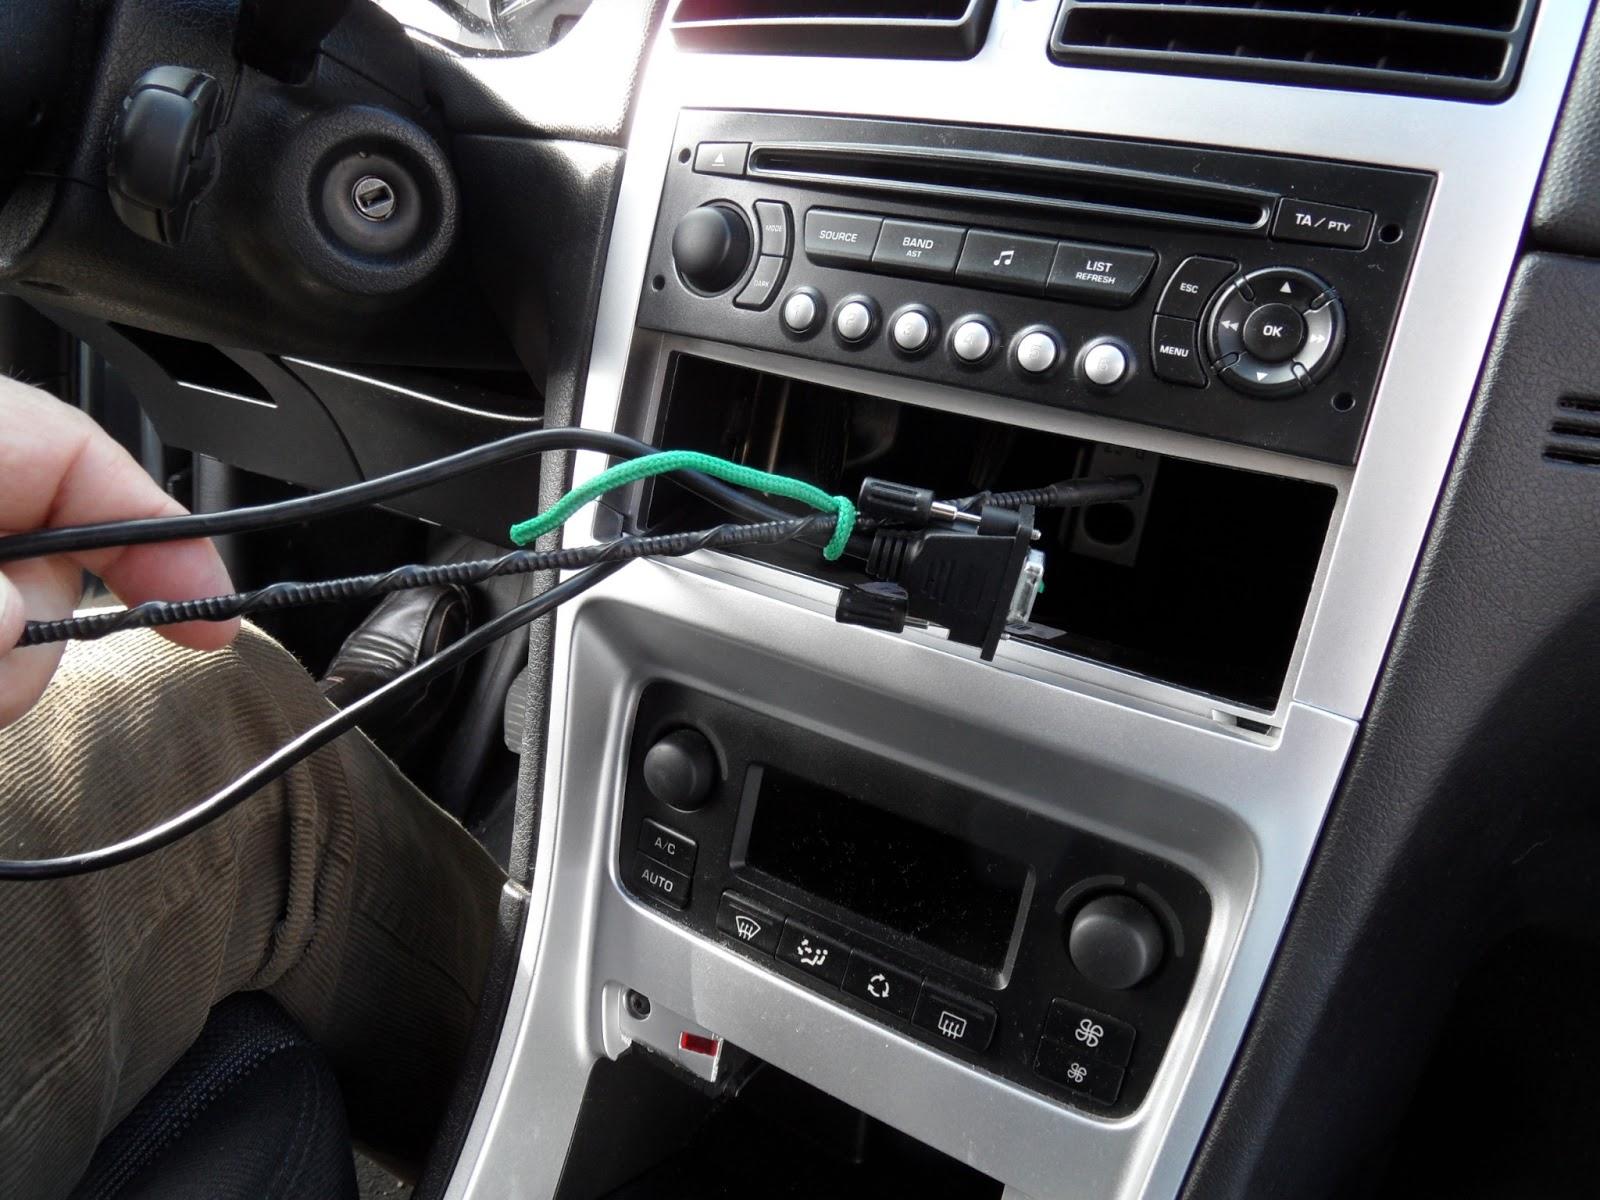 Mis enredos pensamientos y actividades instalaci n de un mp3 simulador de cargador de cds en - Poner luz interior coche ...